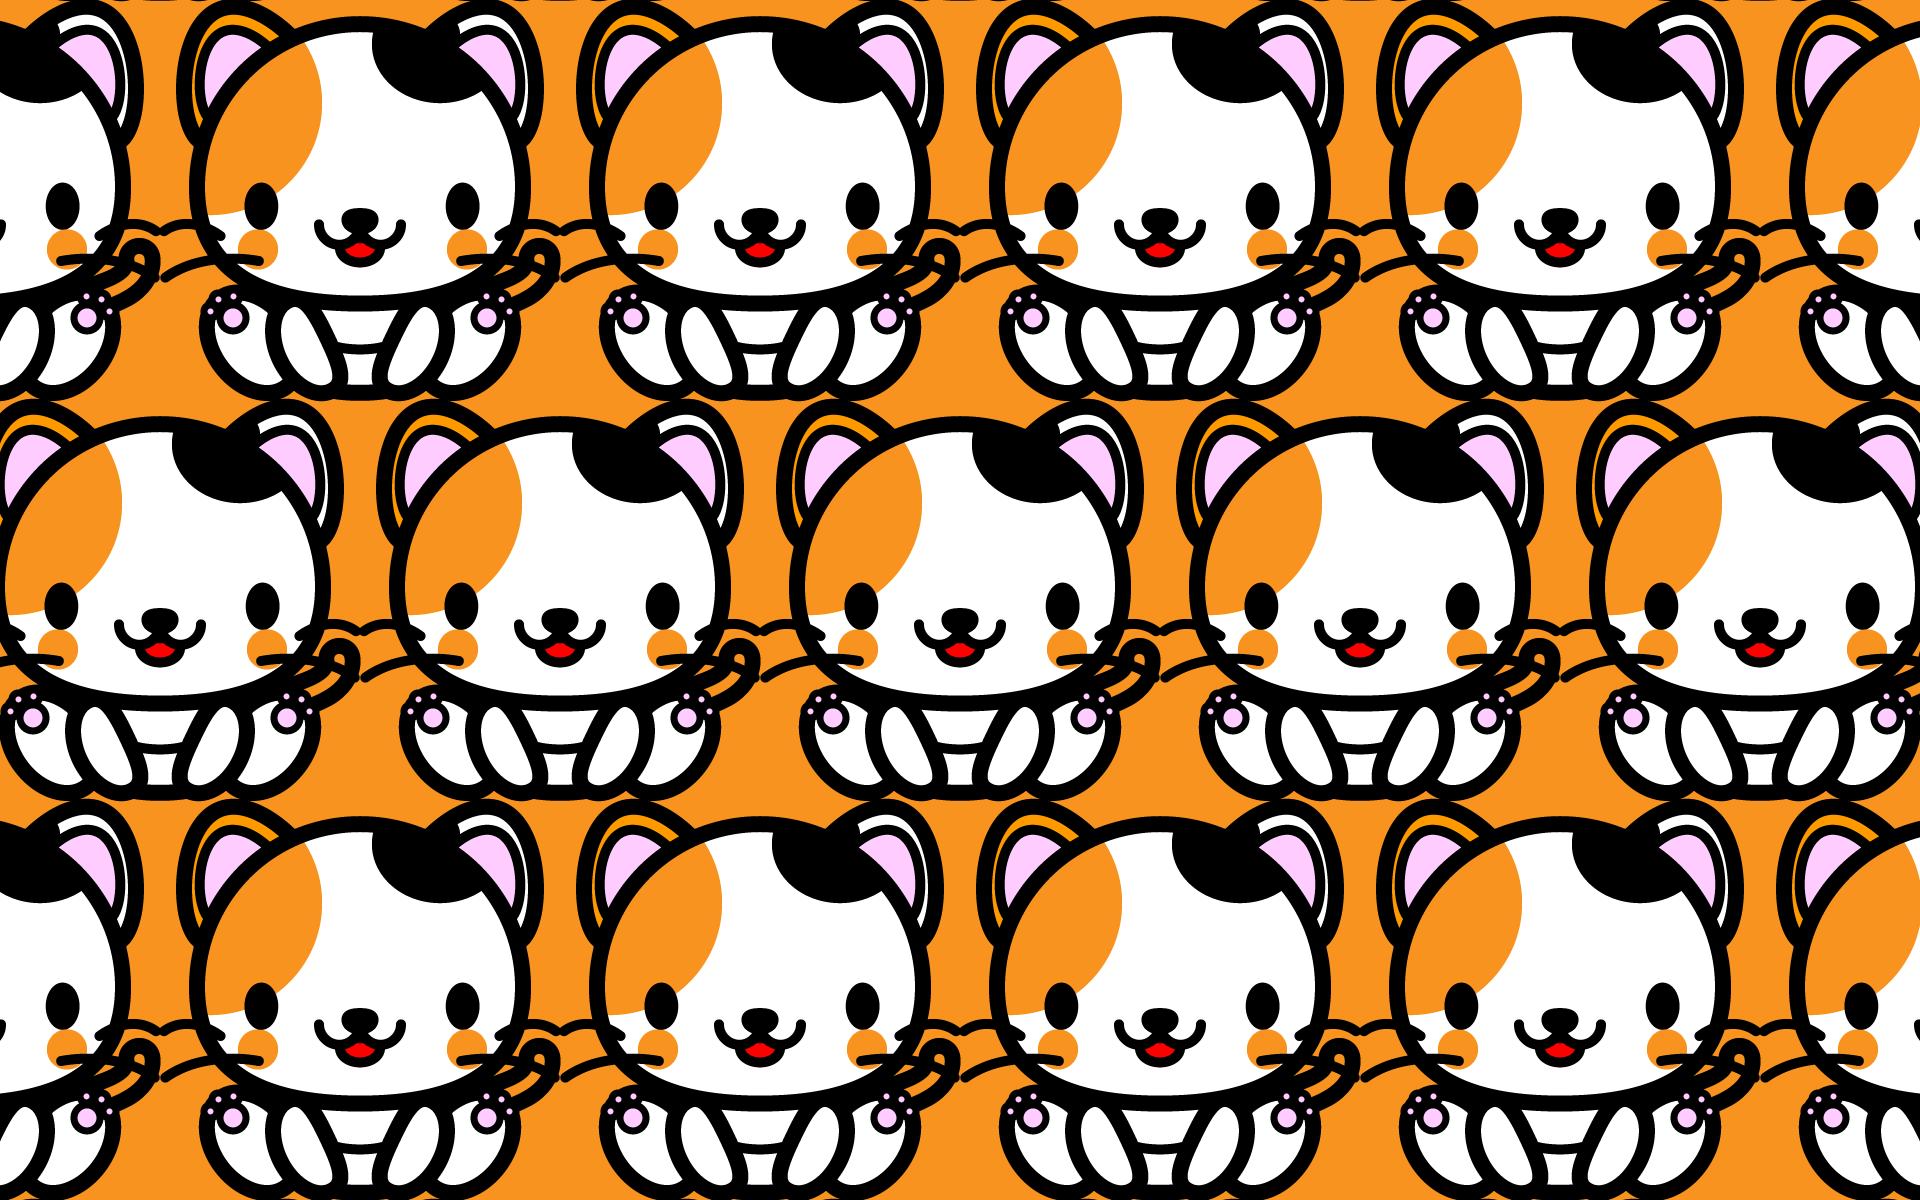 かわいい座り三毛猫づくし壁紙(PC)の無料イラスト・商用フリー